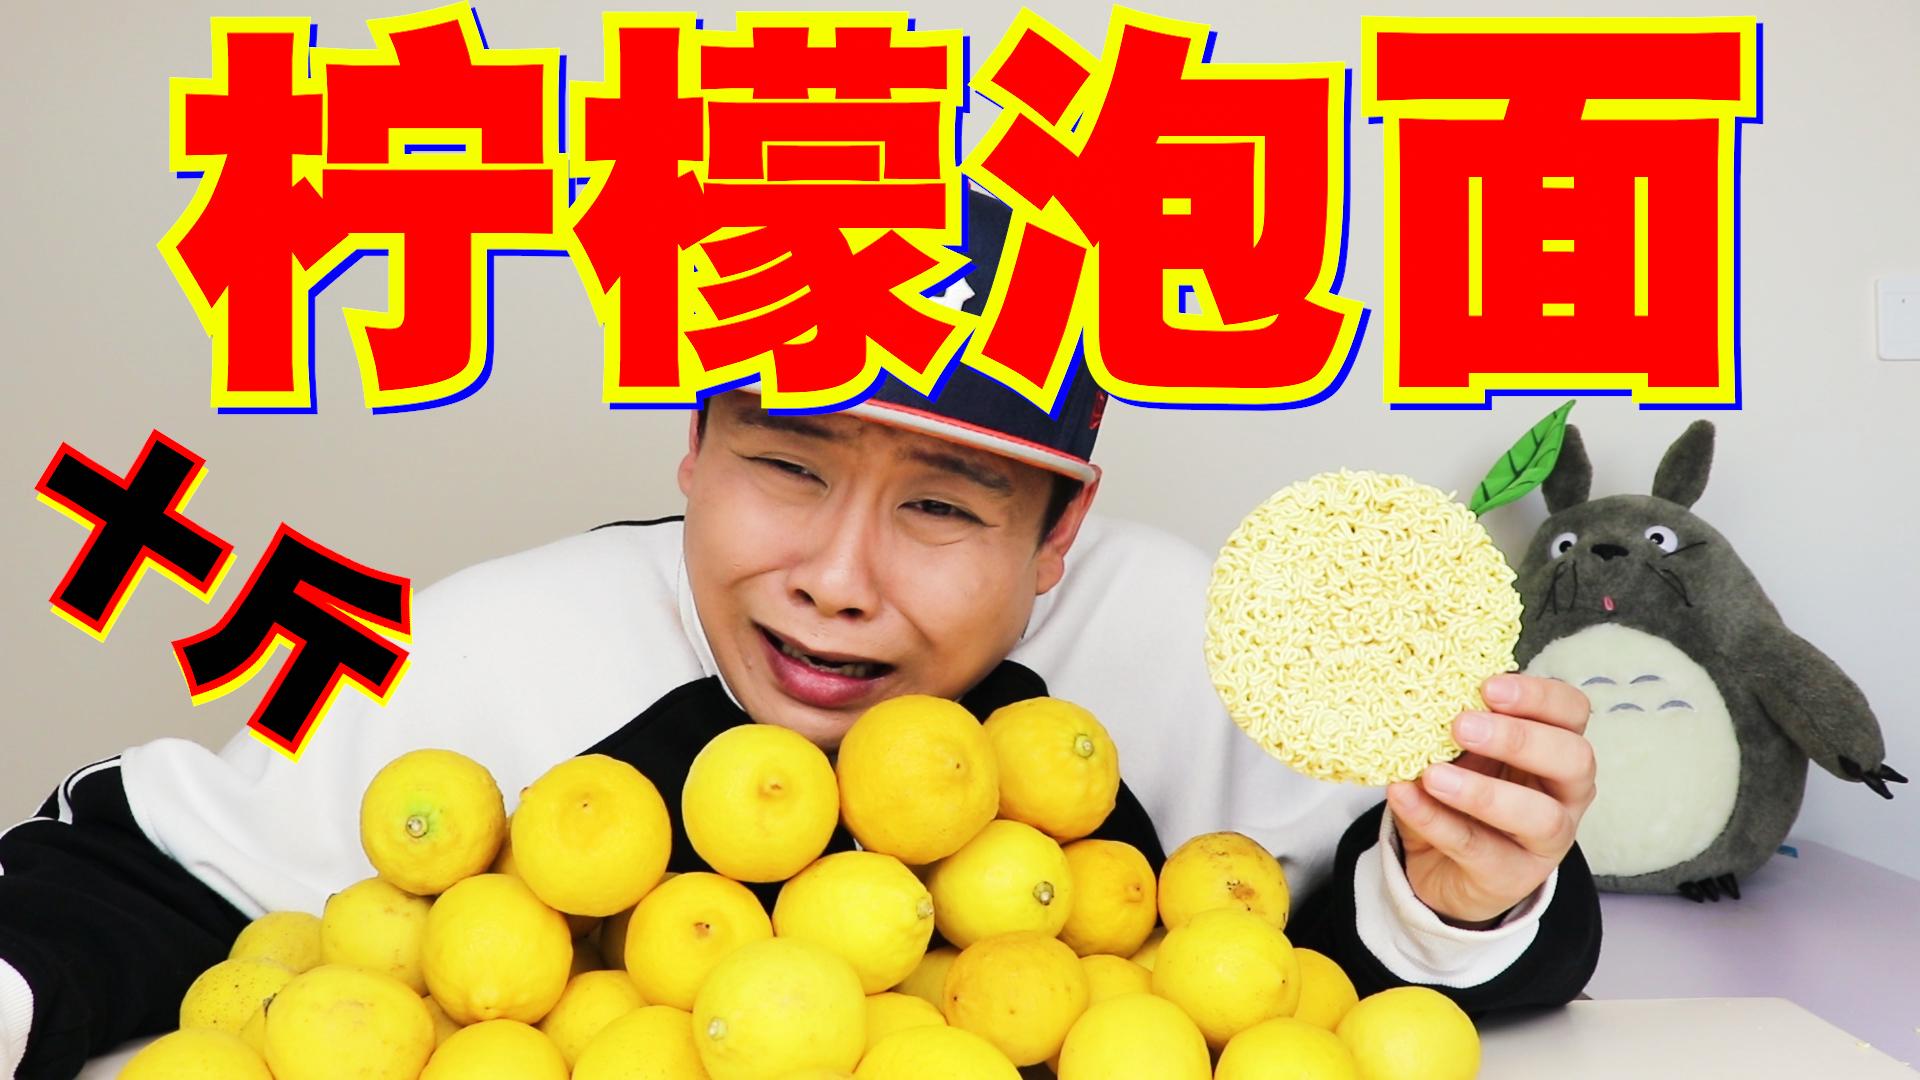 挑战十斤柠檬泡面!小伙崩溃!比工业酸还酸的是柠檬?酸度极限?